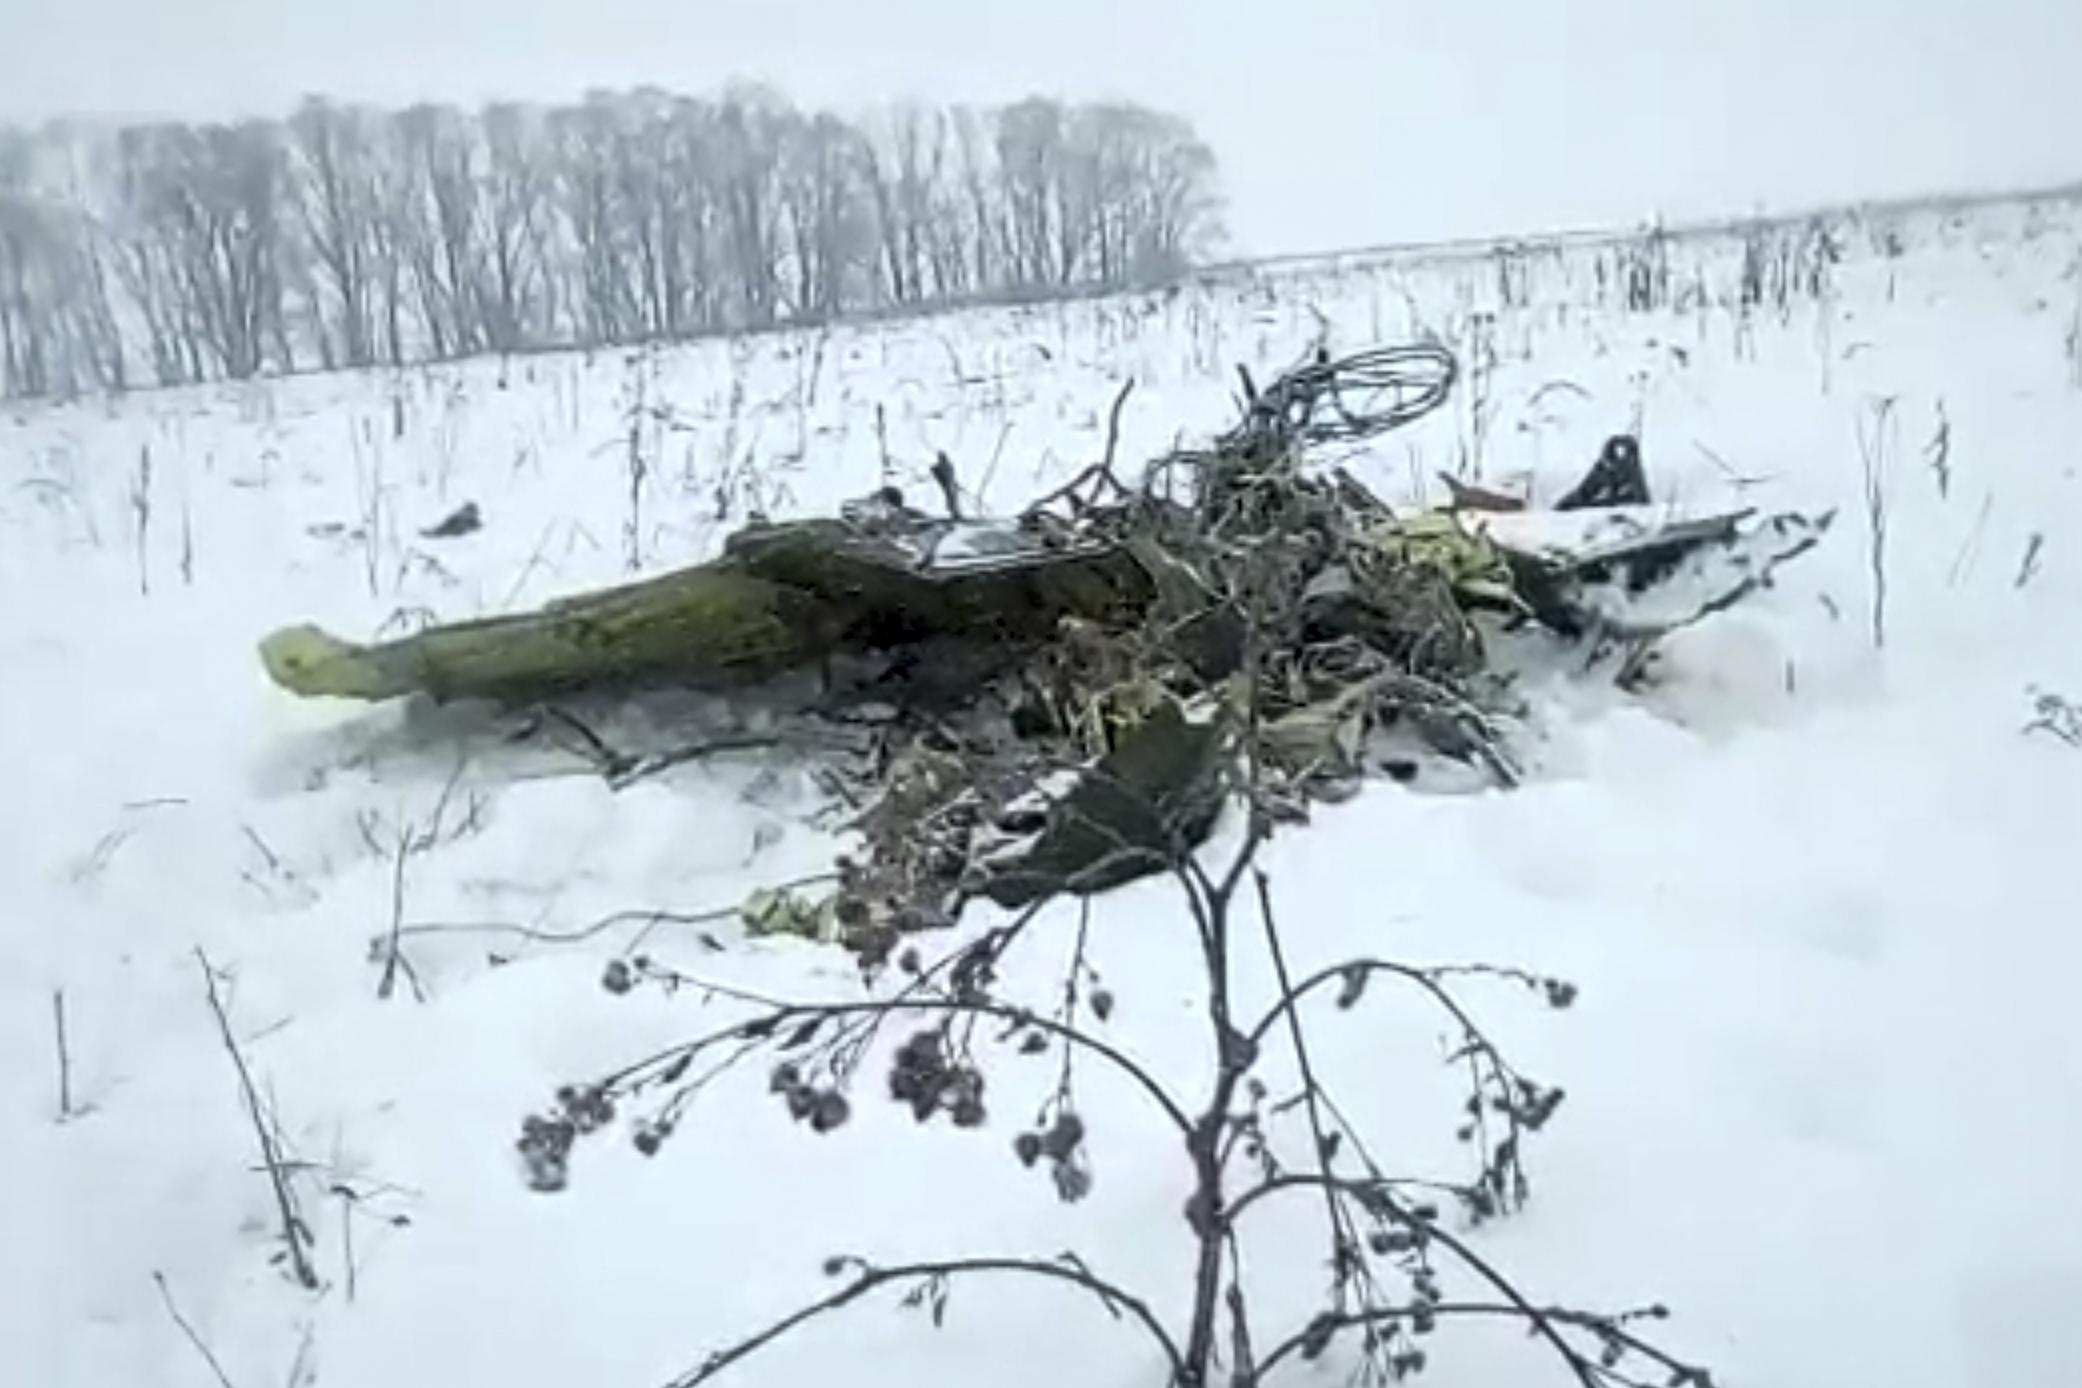 Mueren 71 personas en accidente aéreo en Rusia; Putin ordena comisión investigadora